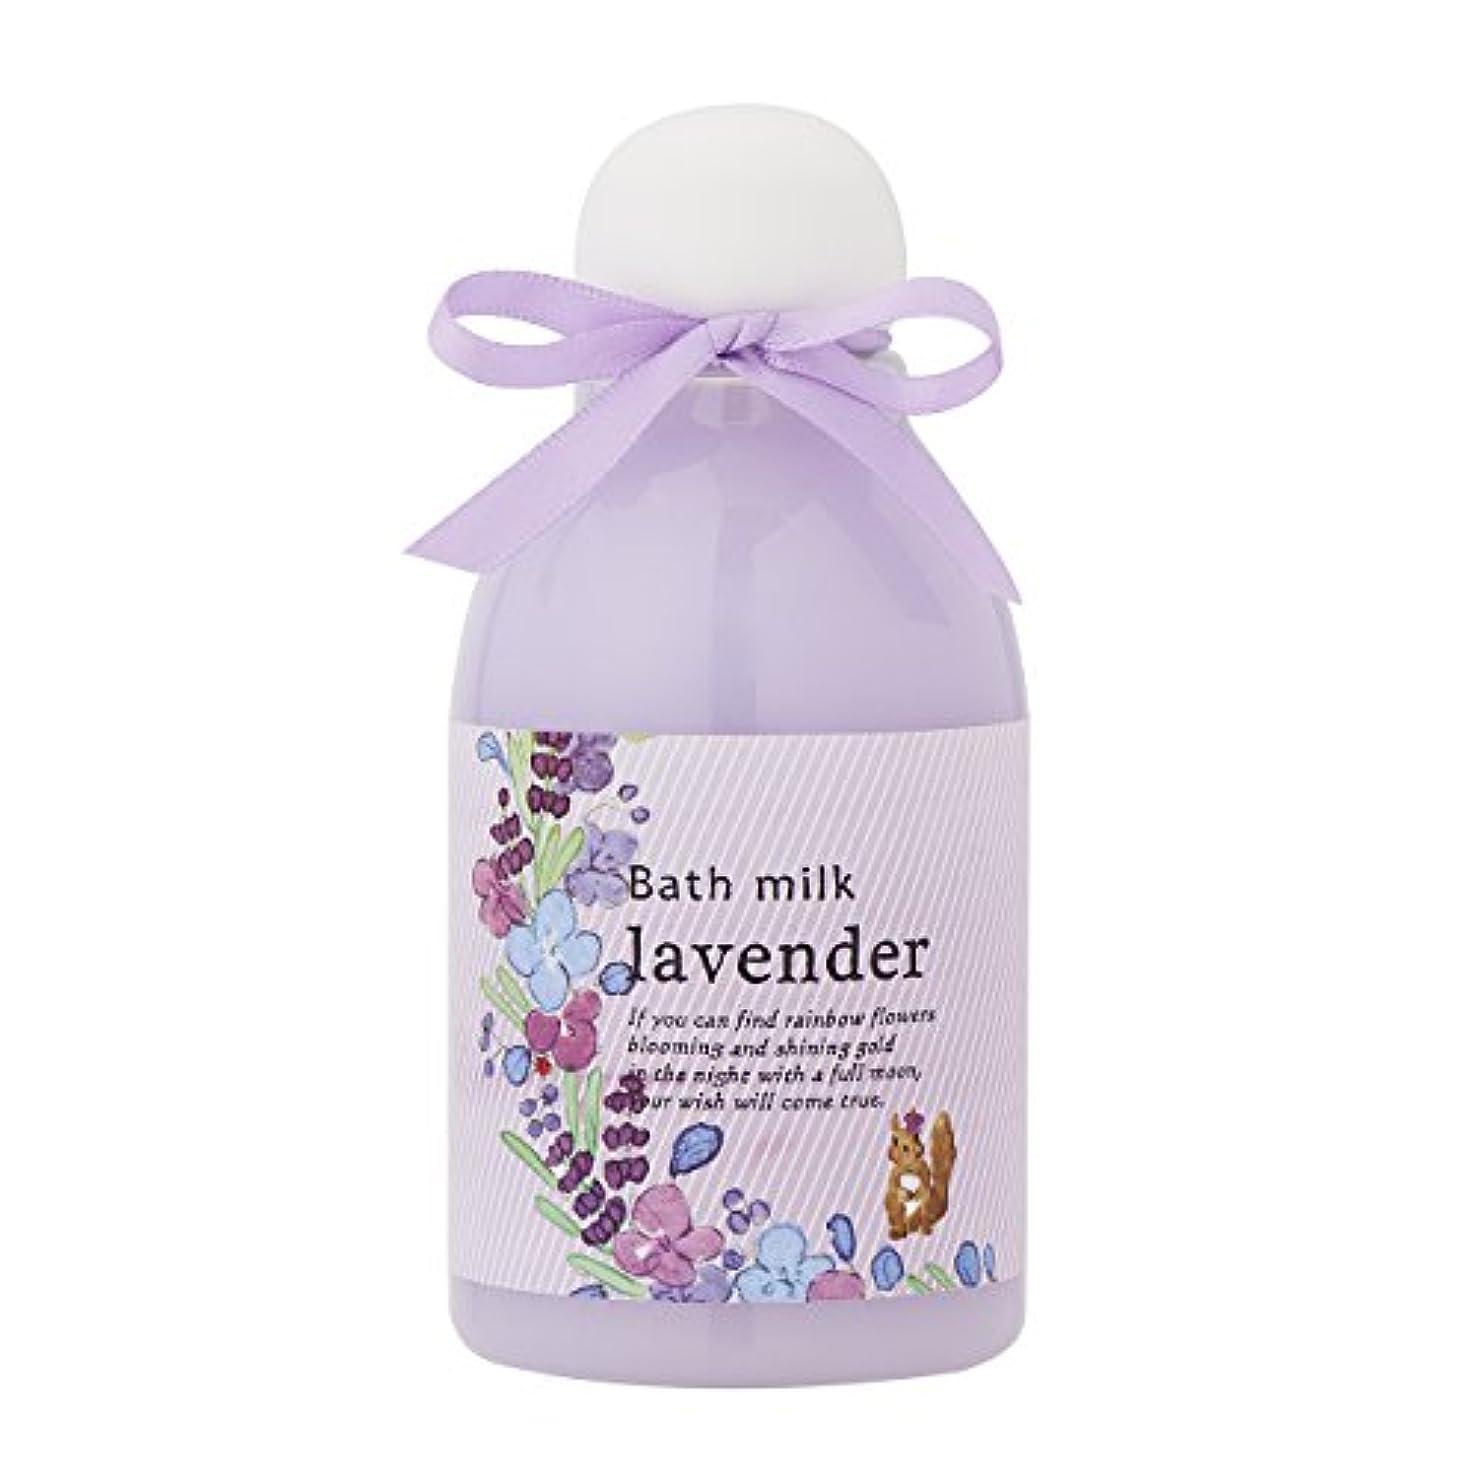 サンハーブ バスミルク ラベンダー 200ml(バブルバスタイプ入浴料 泡風呂 ふわっと爽やかなラベンダーの香り)